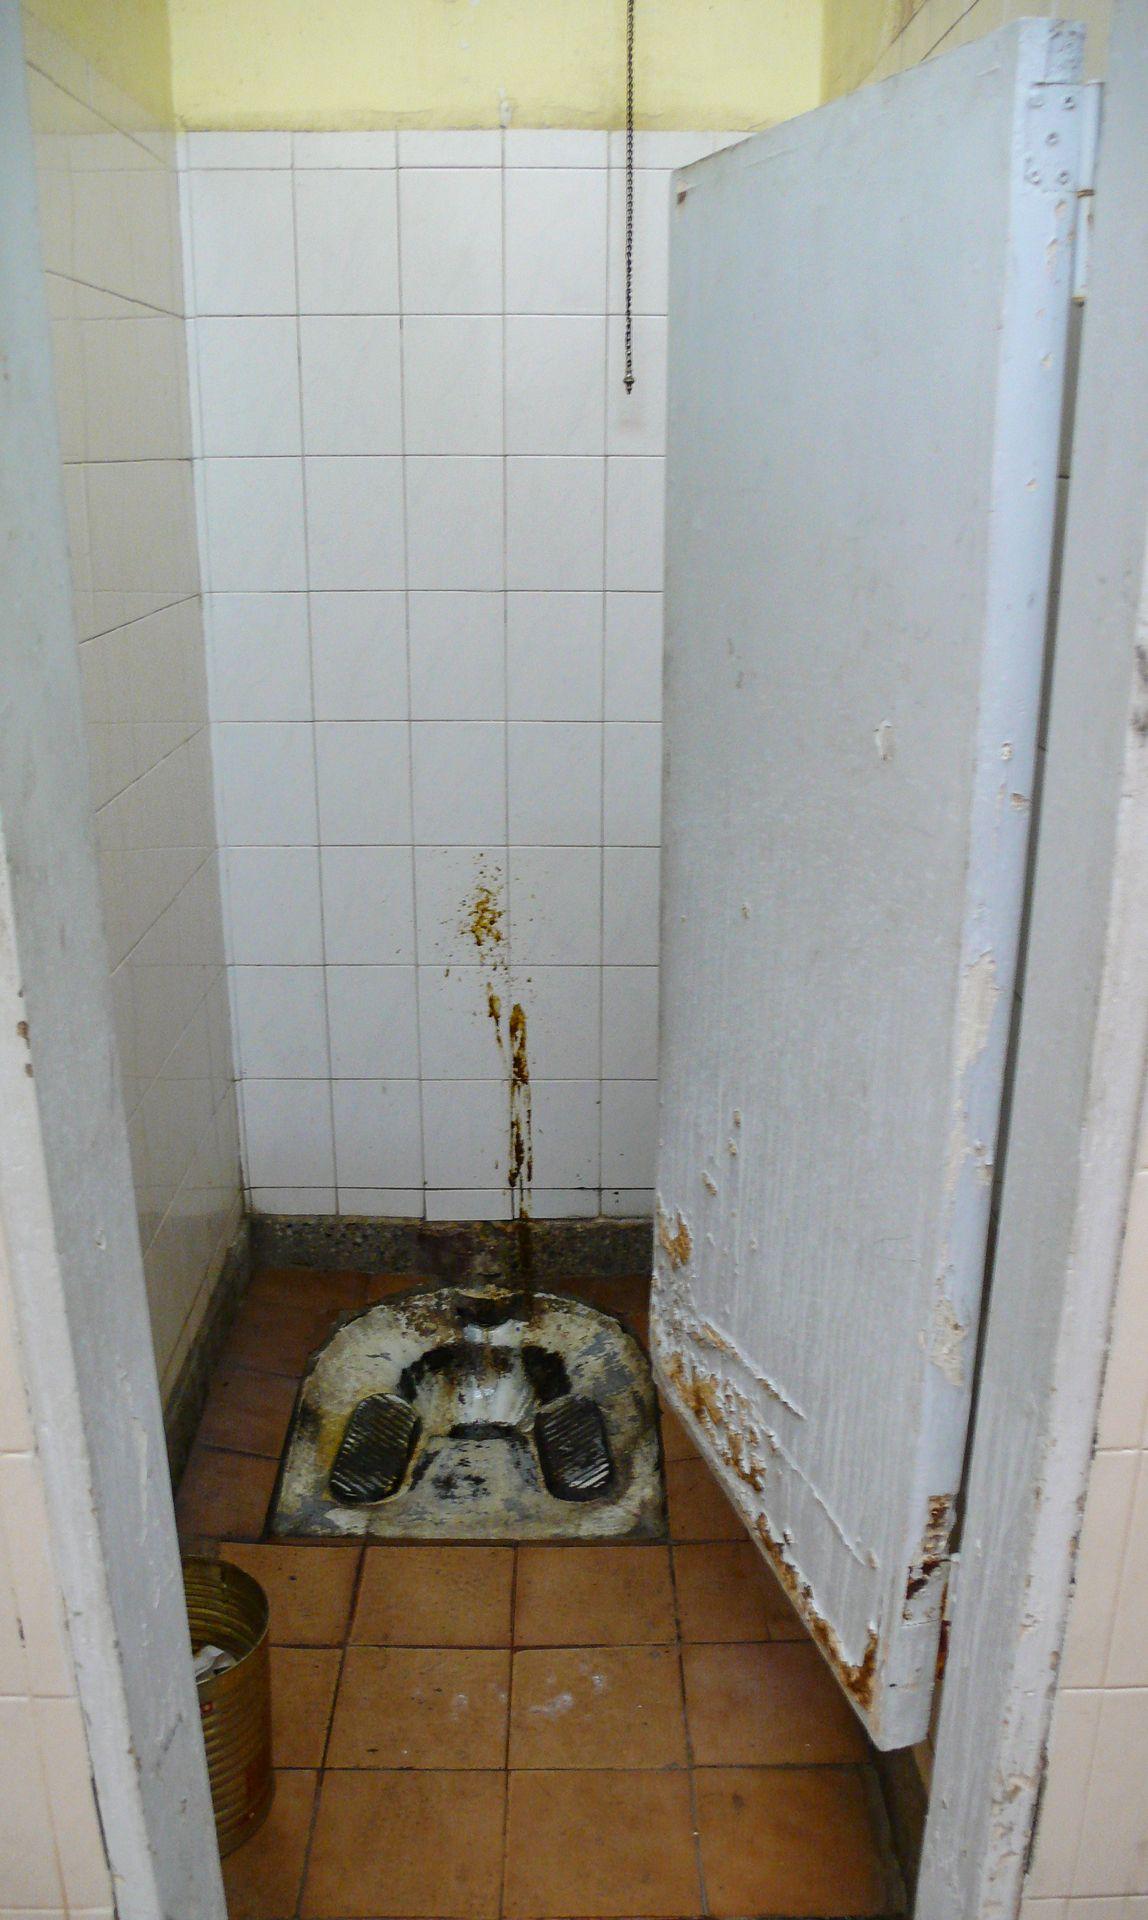 explosión, cagando por el mundo, wc asqueroso, váteres sucios